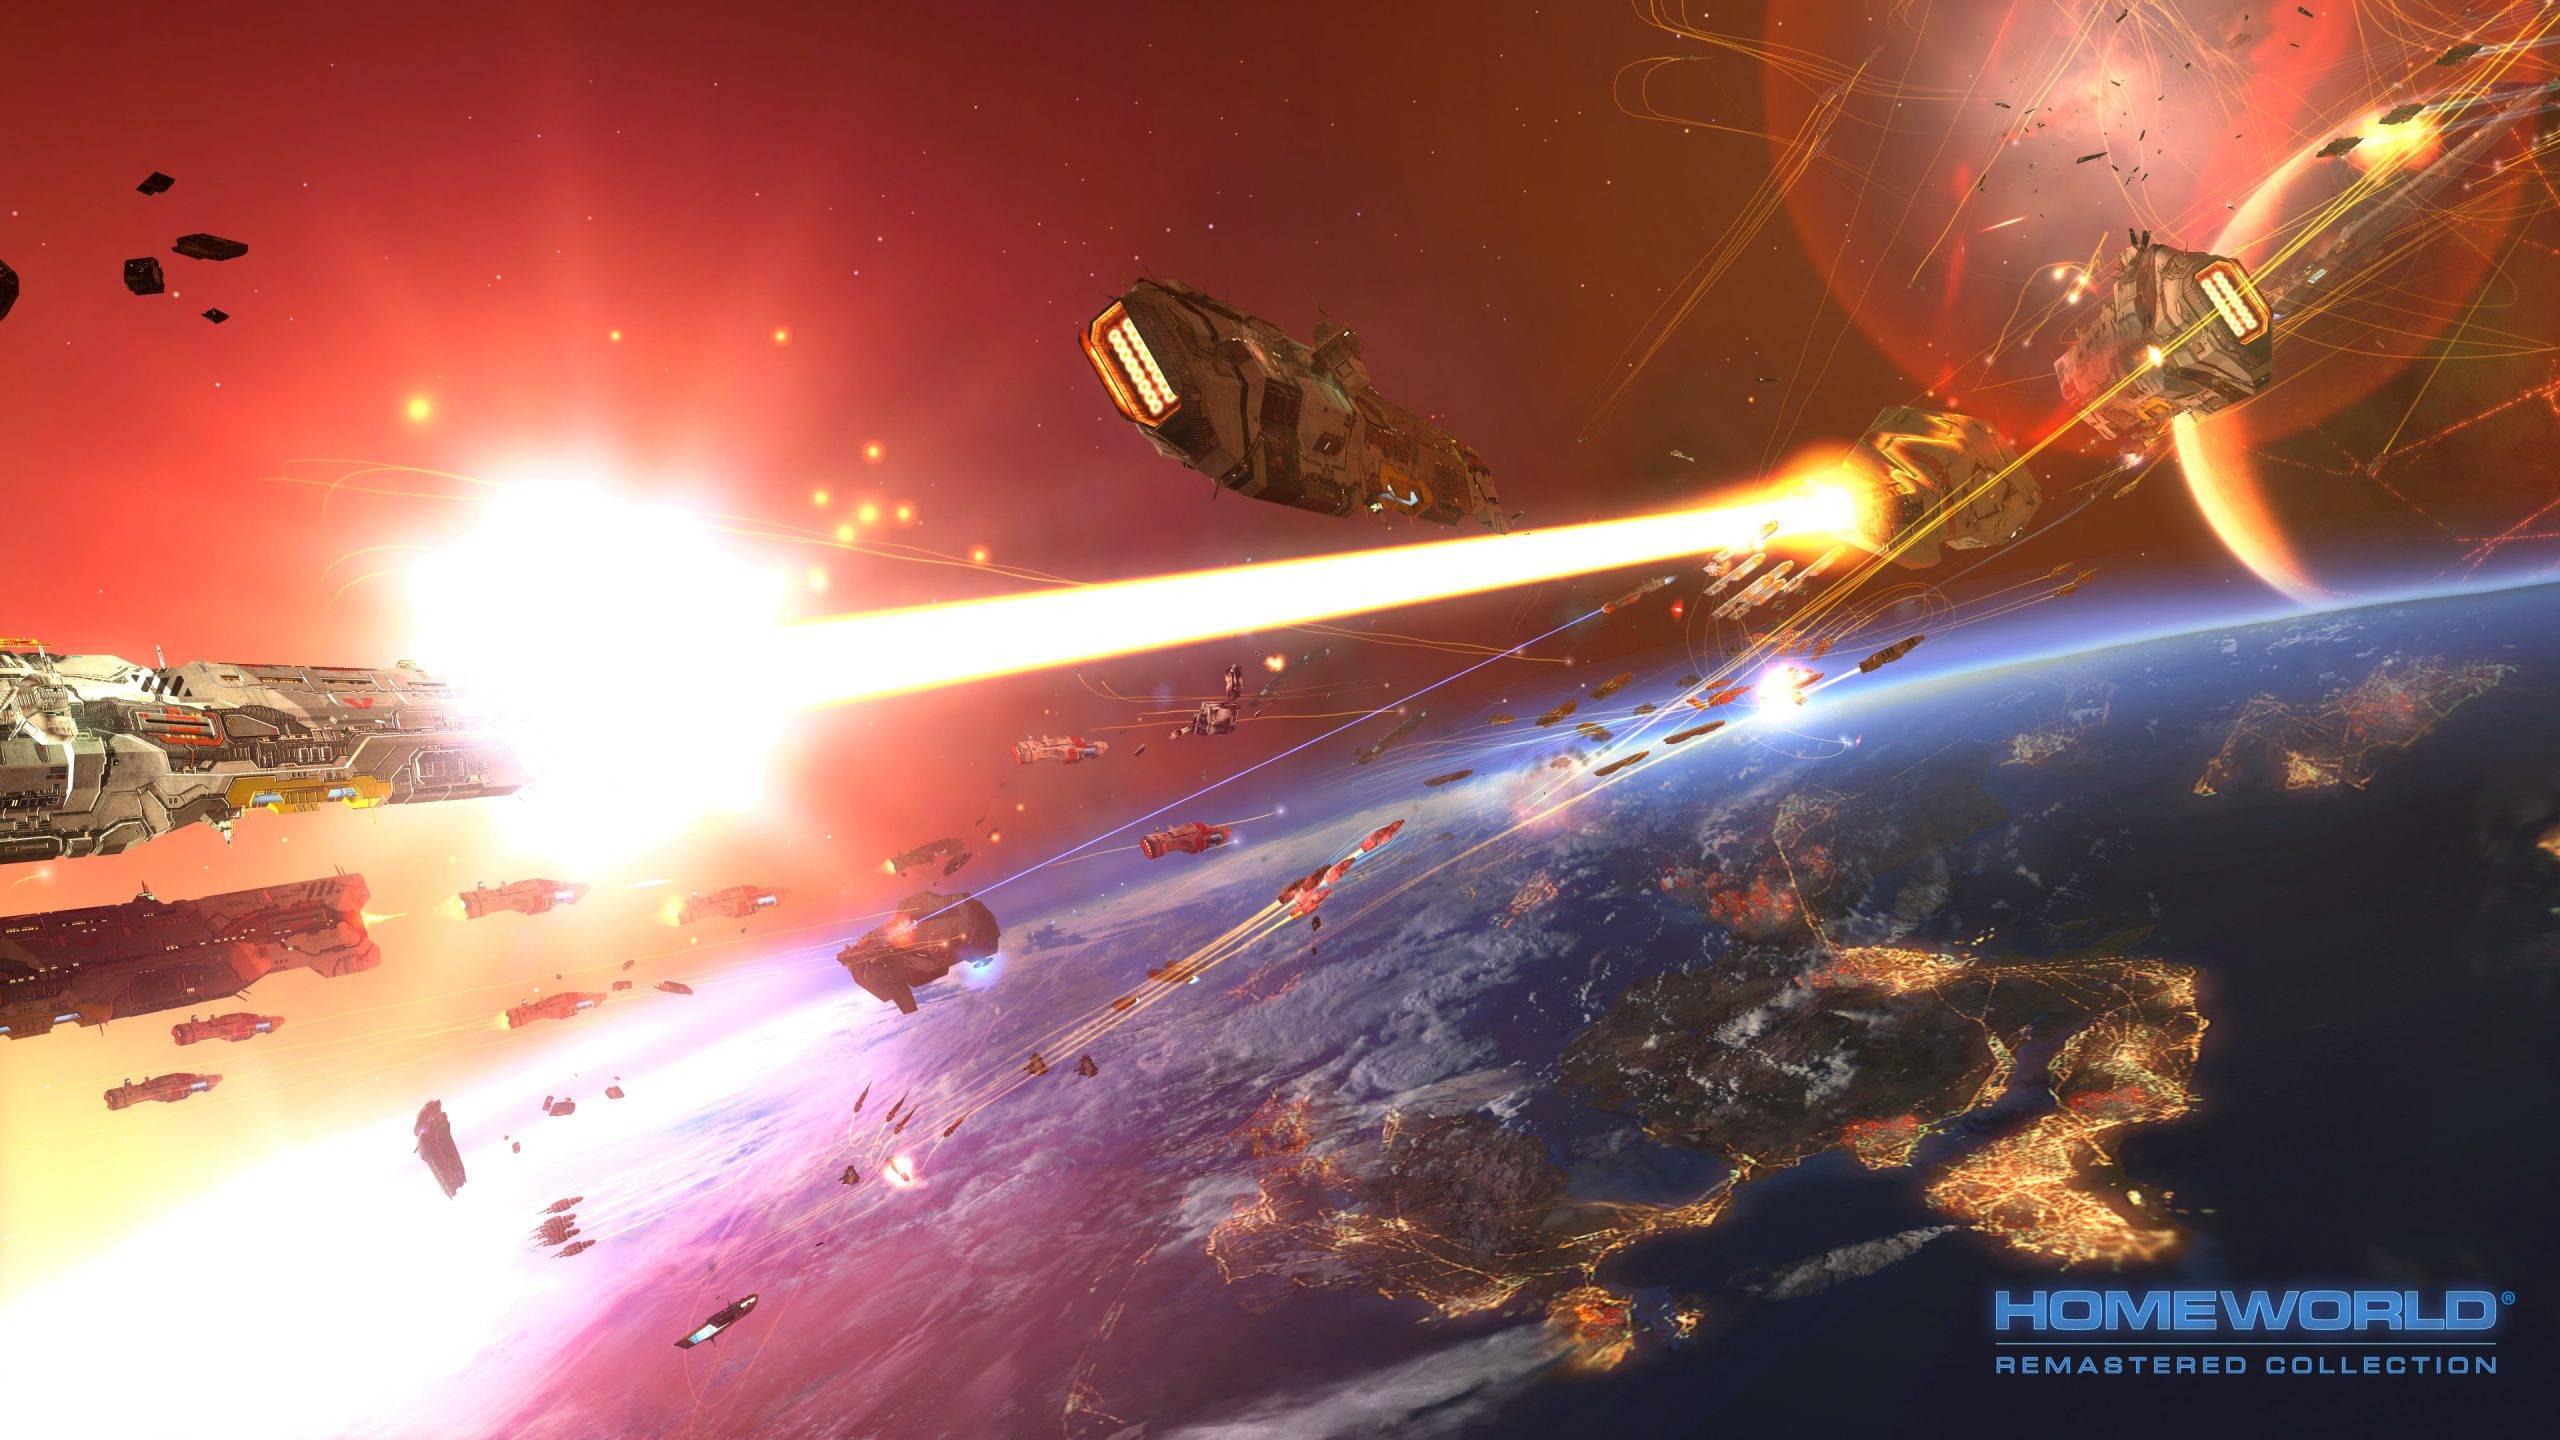 Издатель Gearbox анонсировал третью часть Homeworld — с датой релиза в 2022-м